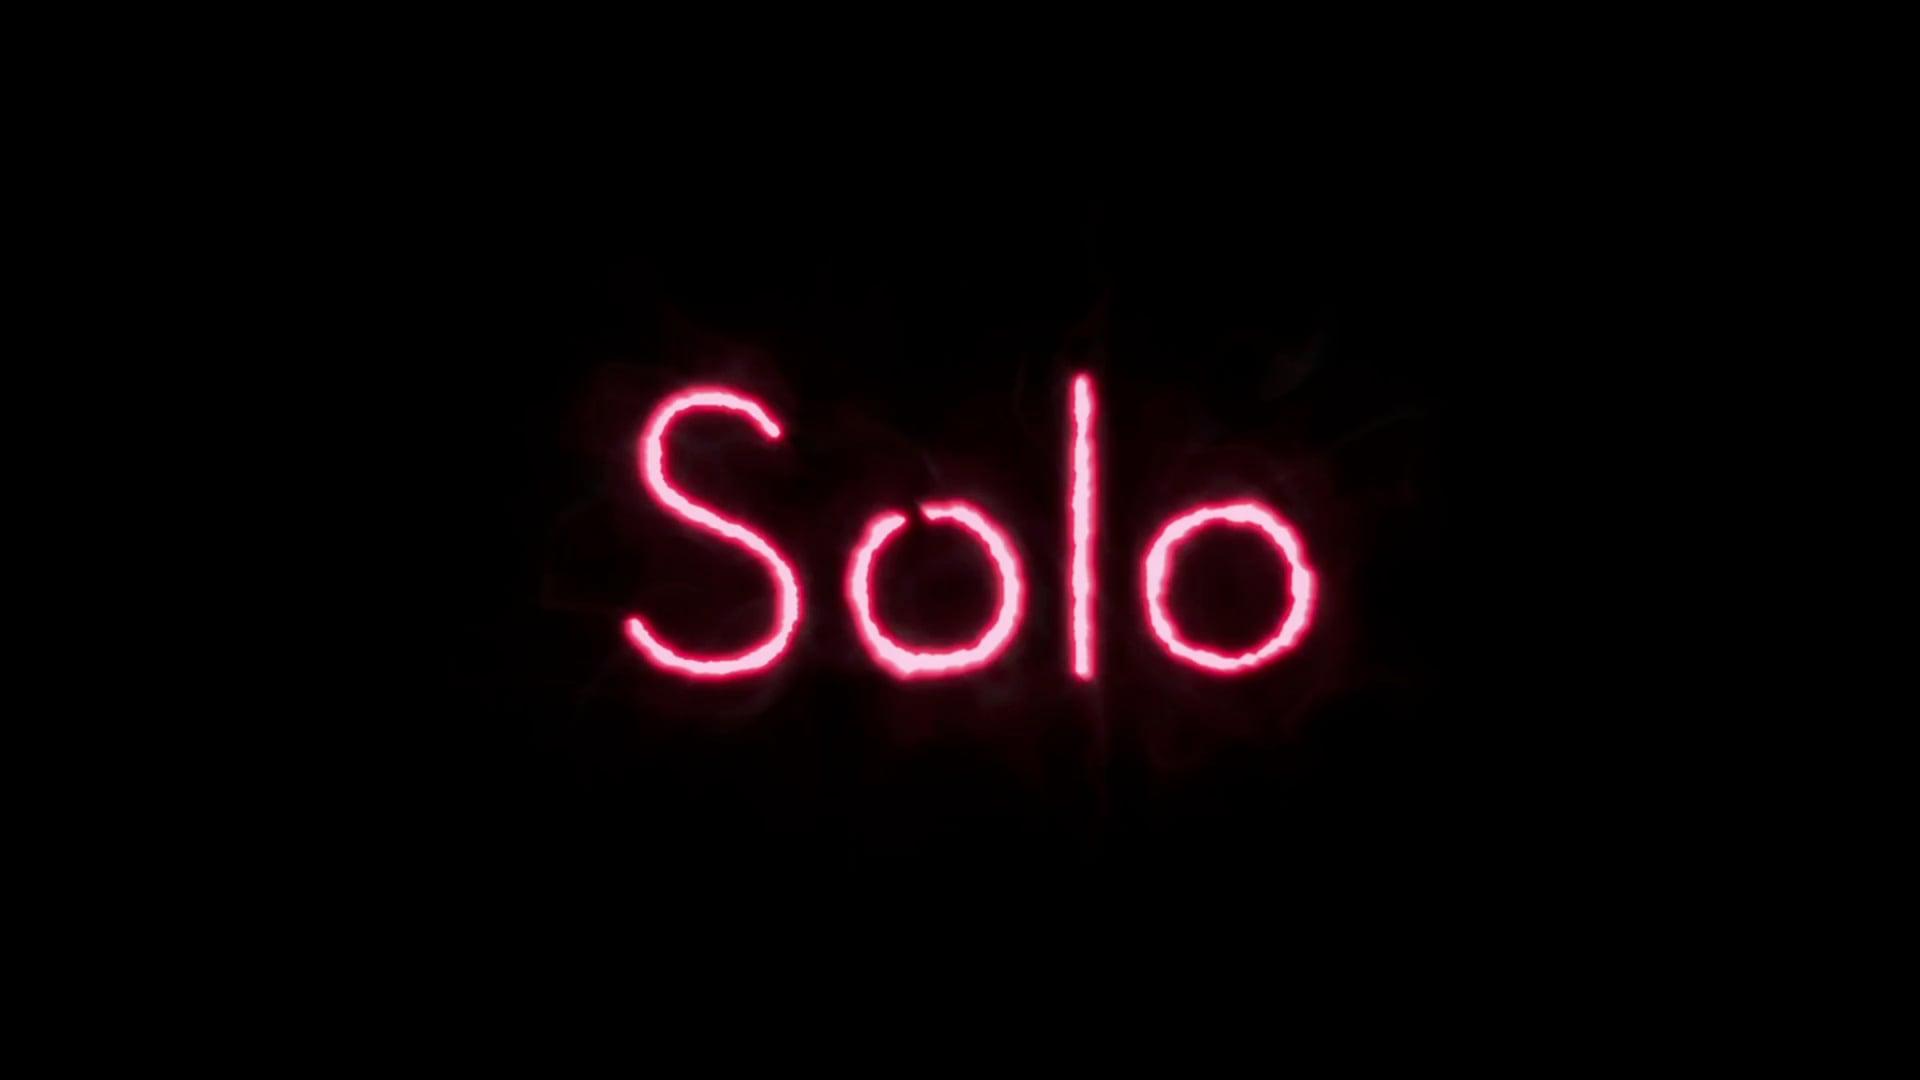 Solo (2016)